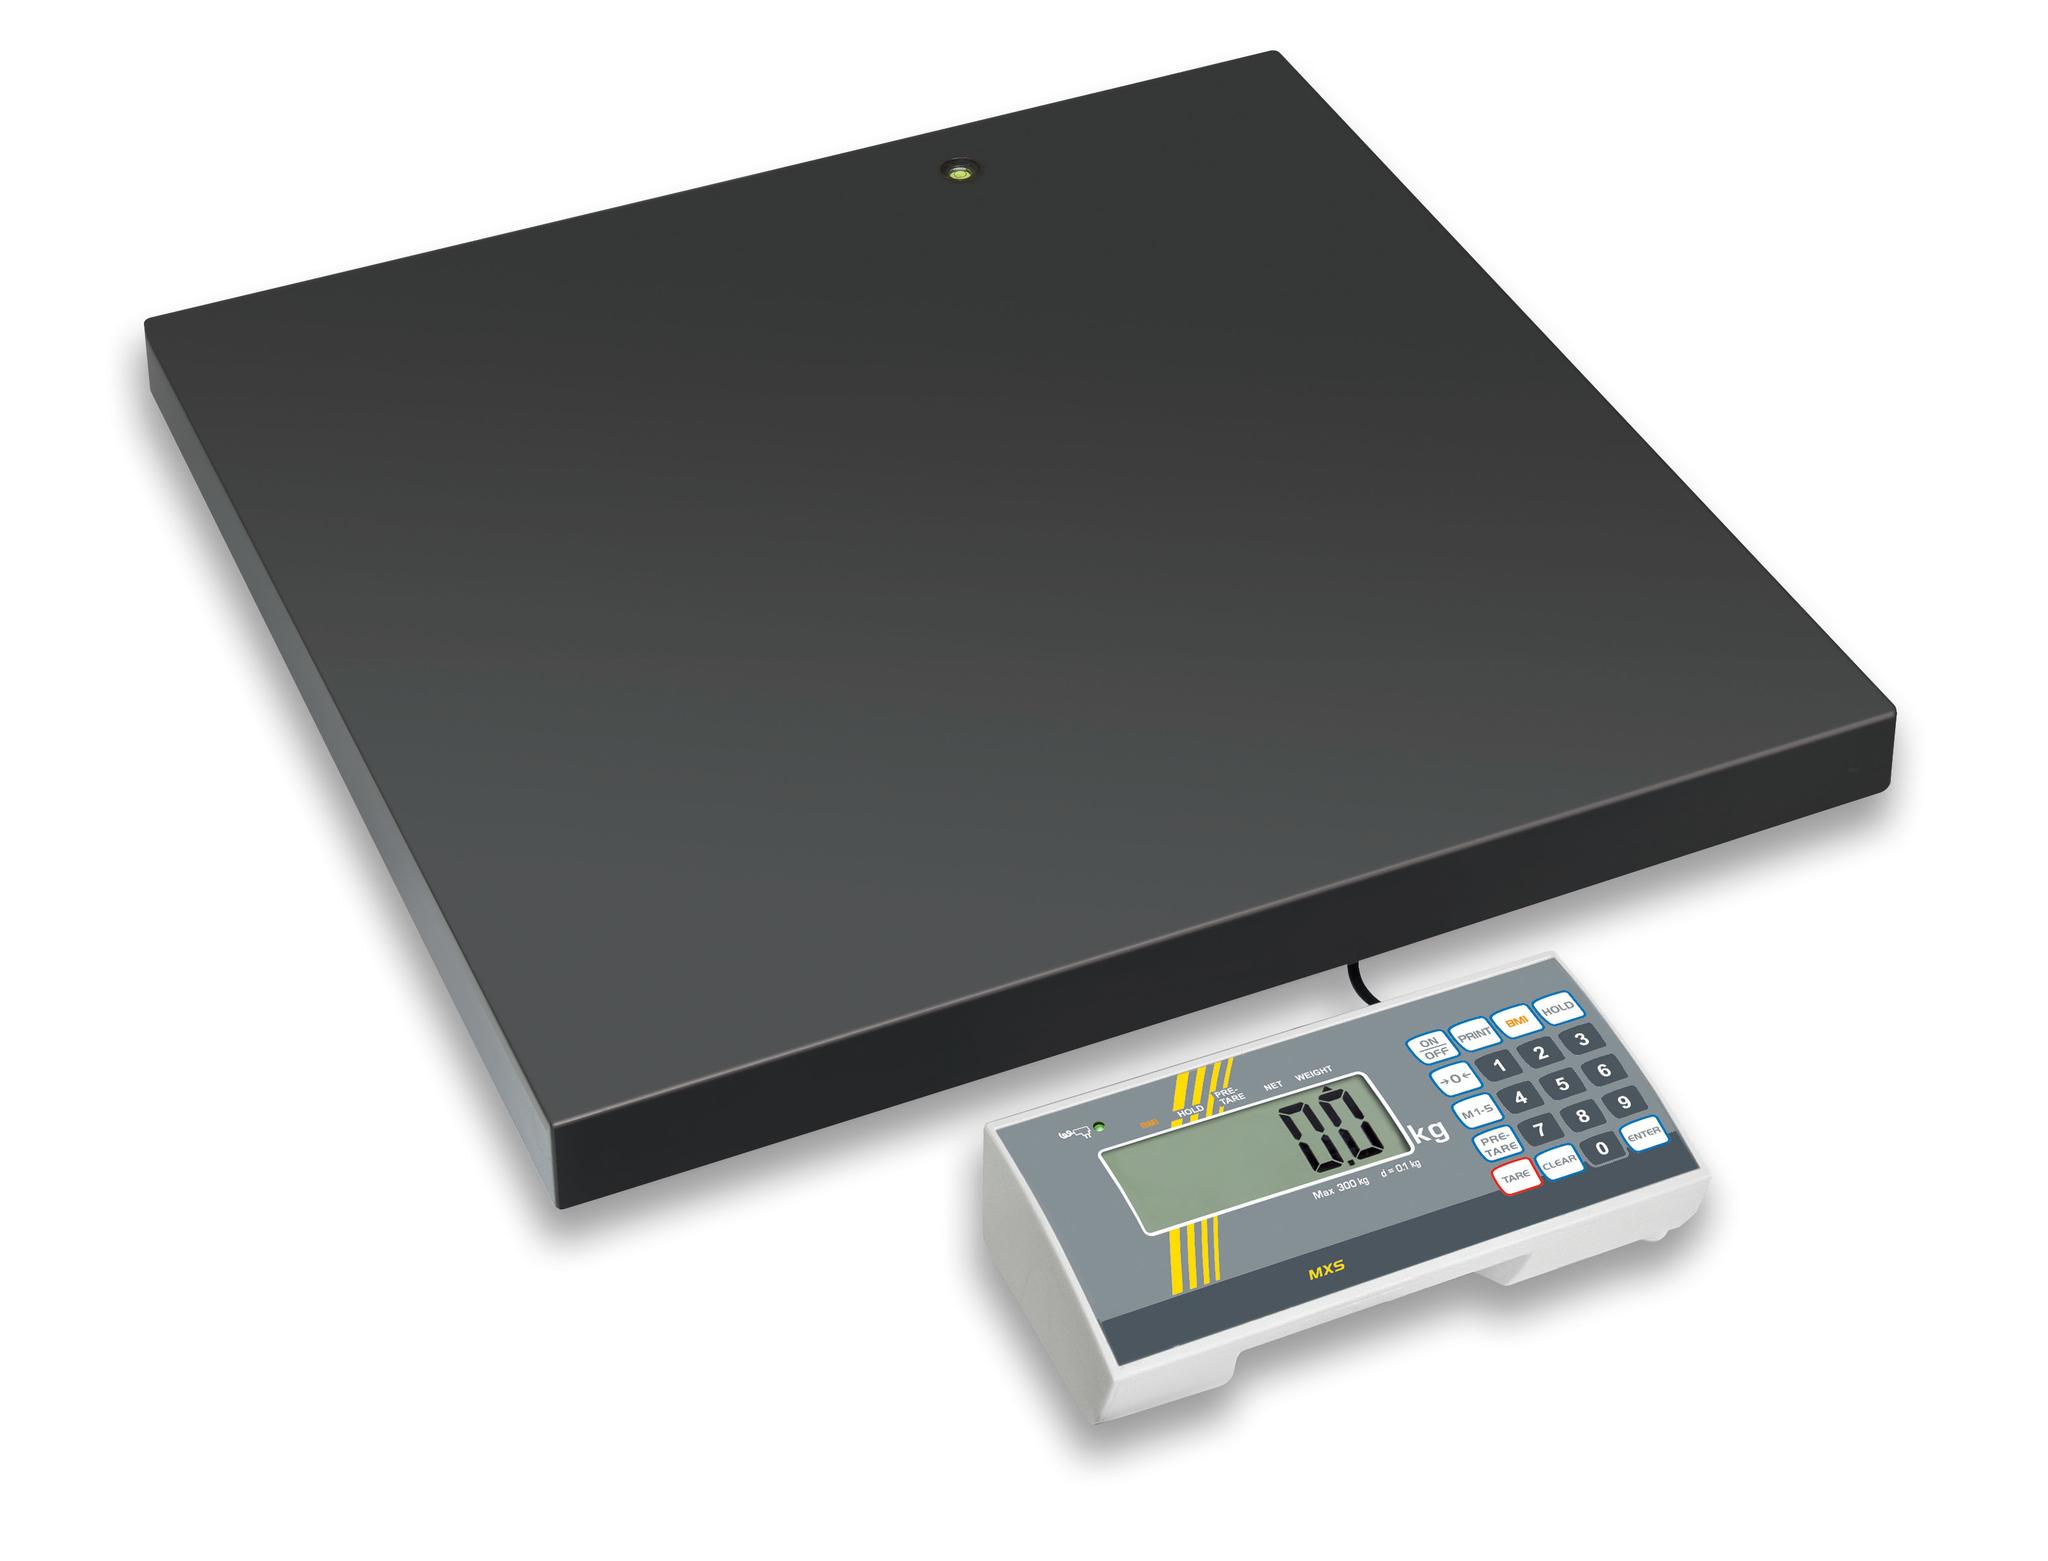 personenwaage mxs bis 300 kg mit eich und medizinzulassung f r bergewicht. Black Bedroom Furniture Sets. Home Design Ideas